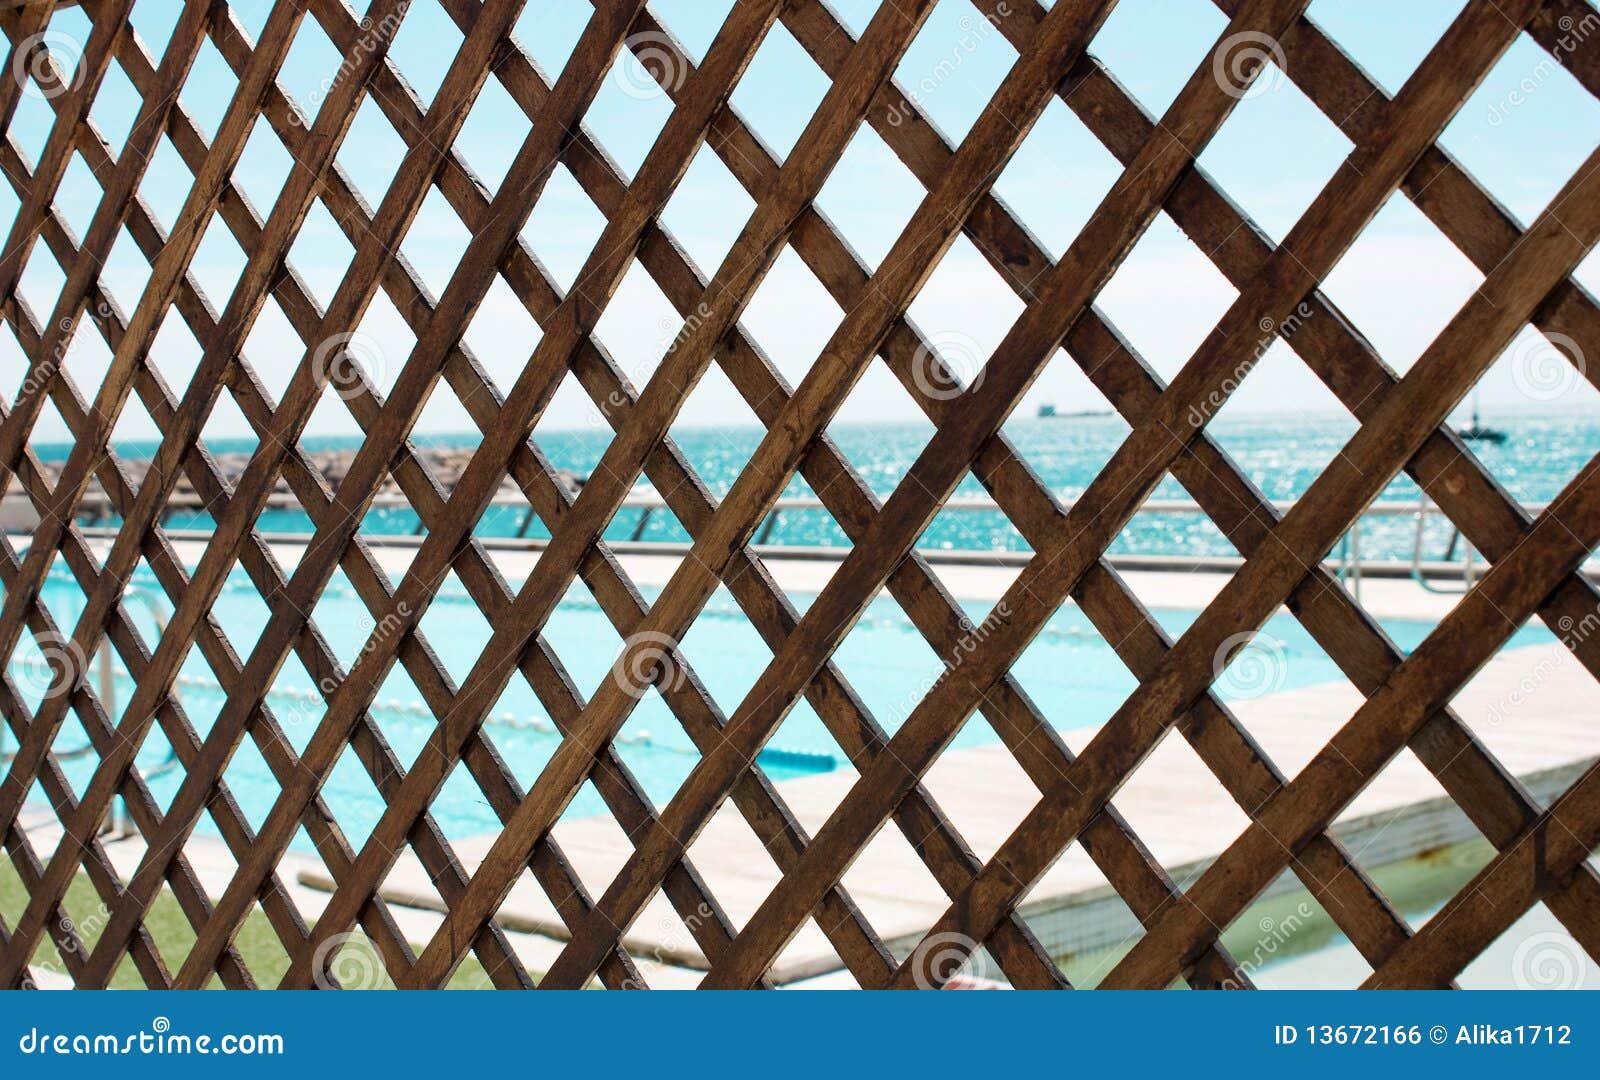 Grata di legno fotografia stock immagine di legno acqua for Balancines de madera para jardin